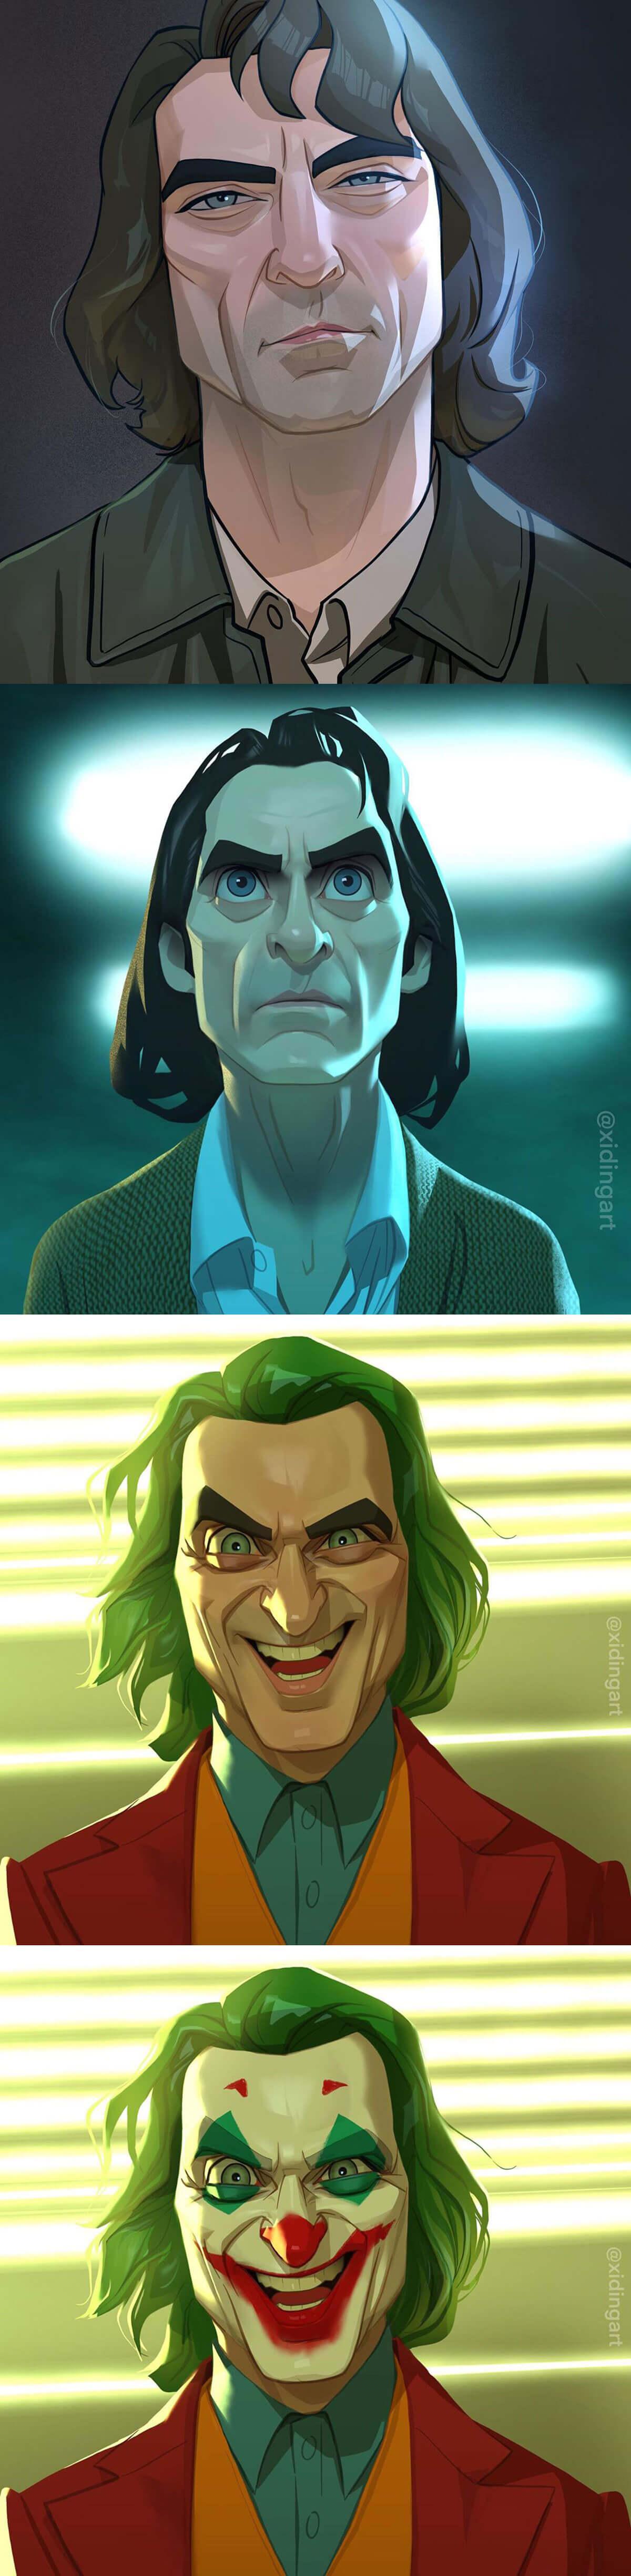 Joker Fan Art by Xi Ding